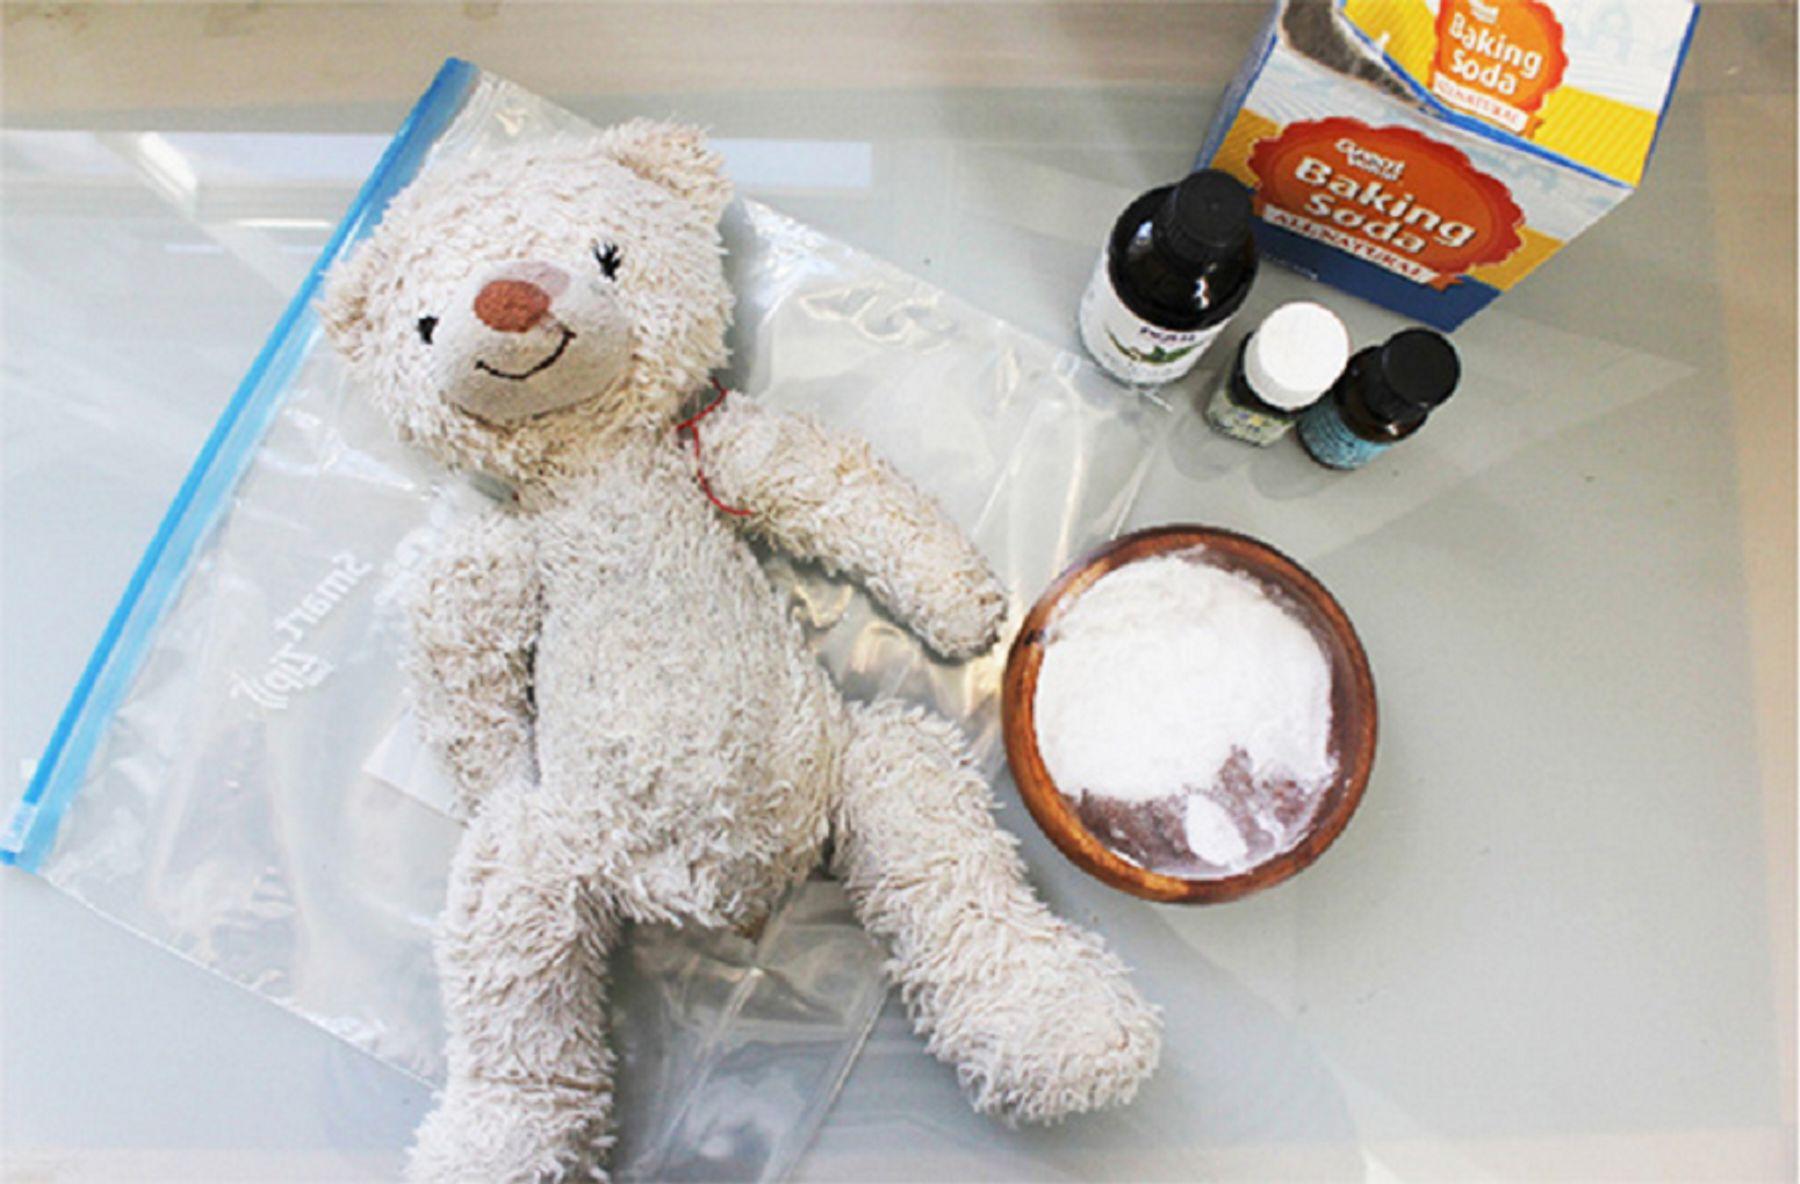 Step 4: Cách giặt gấu bông bằng baking soda